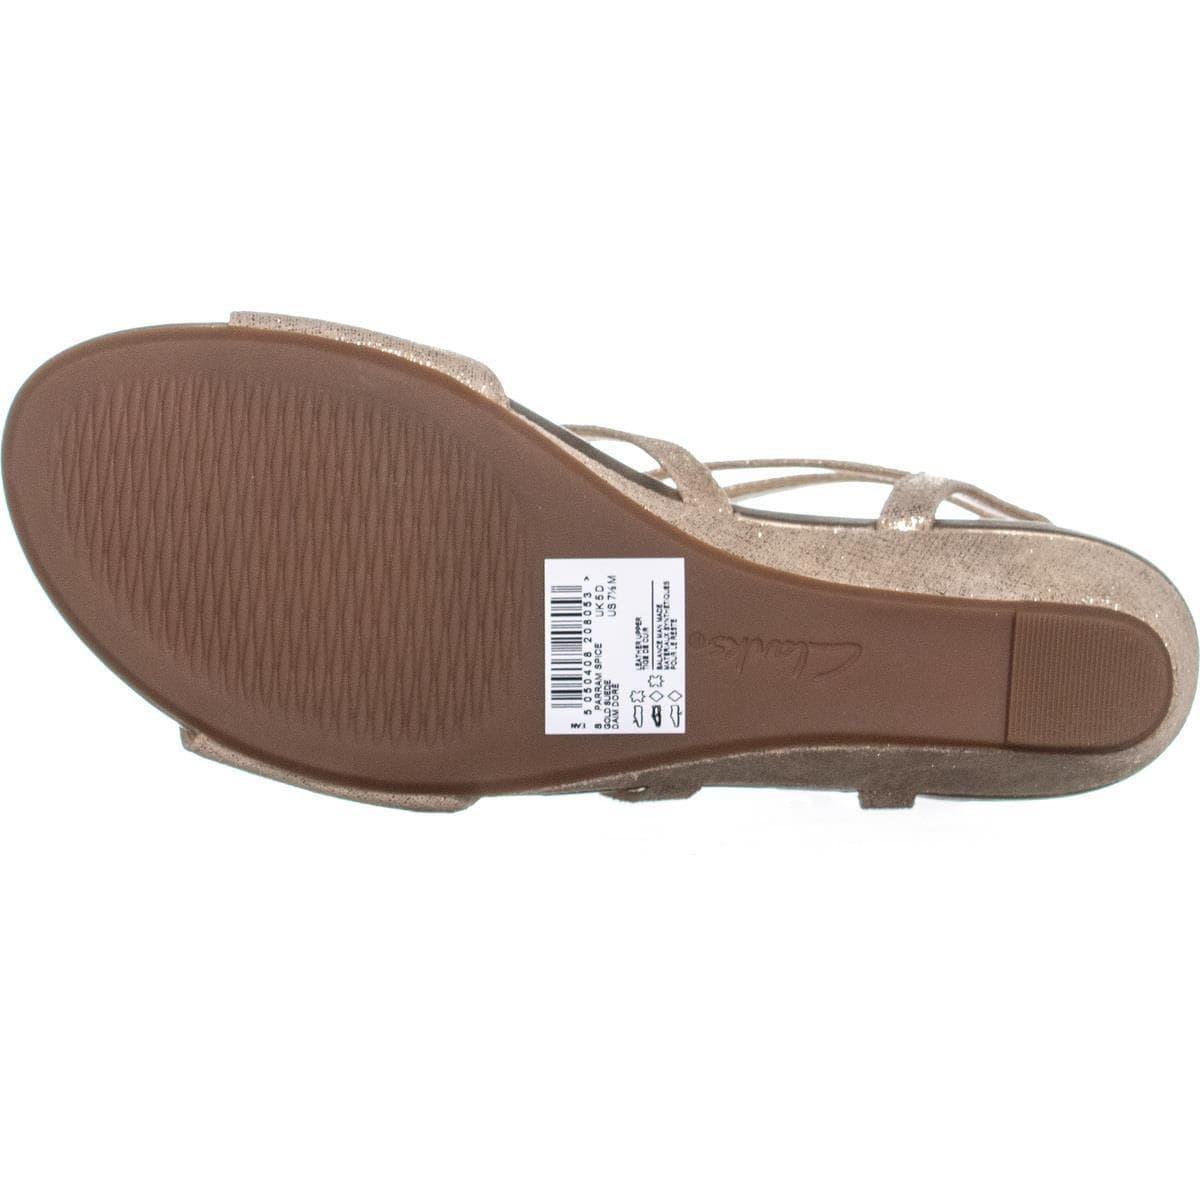 fbc9b9d7d Shop Clarks Parram Spice Gladiator Wedge Sandals